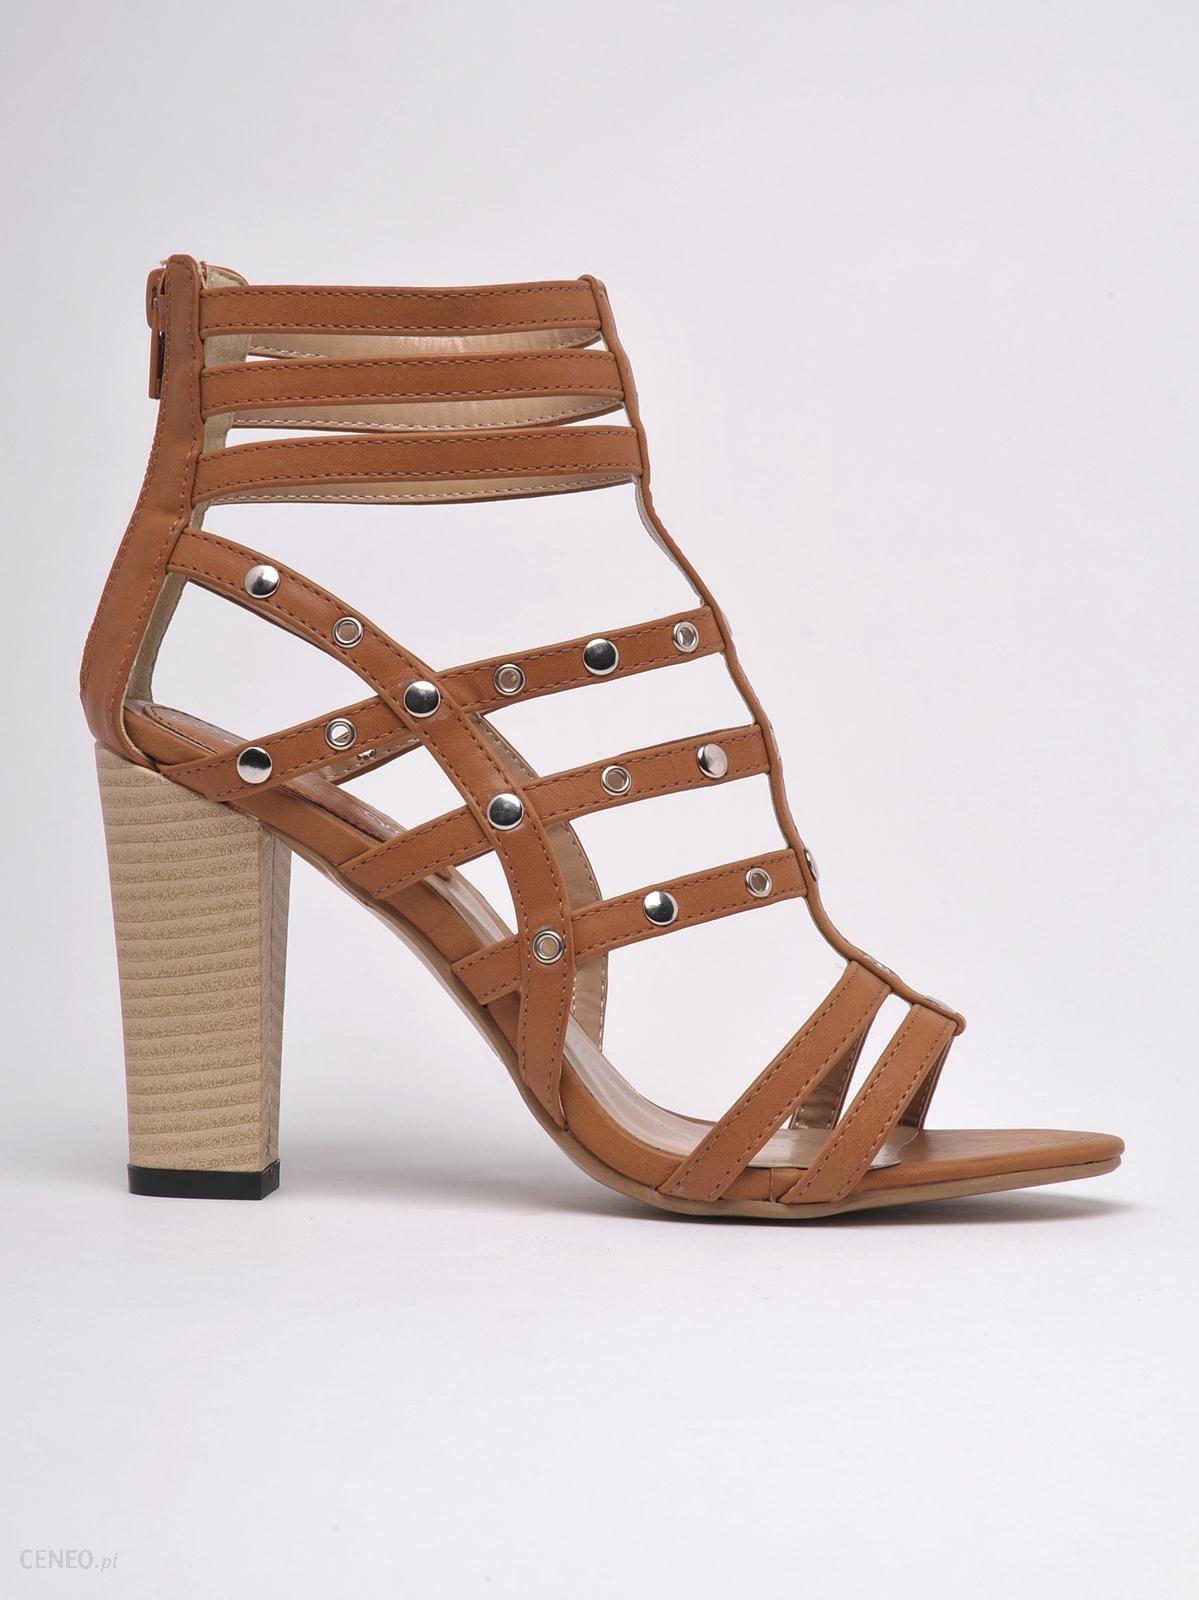 Sandały damskie Top Secret z kolekcji wiosna lato 2014